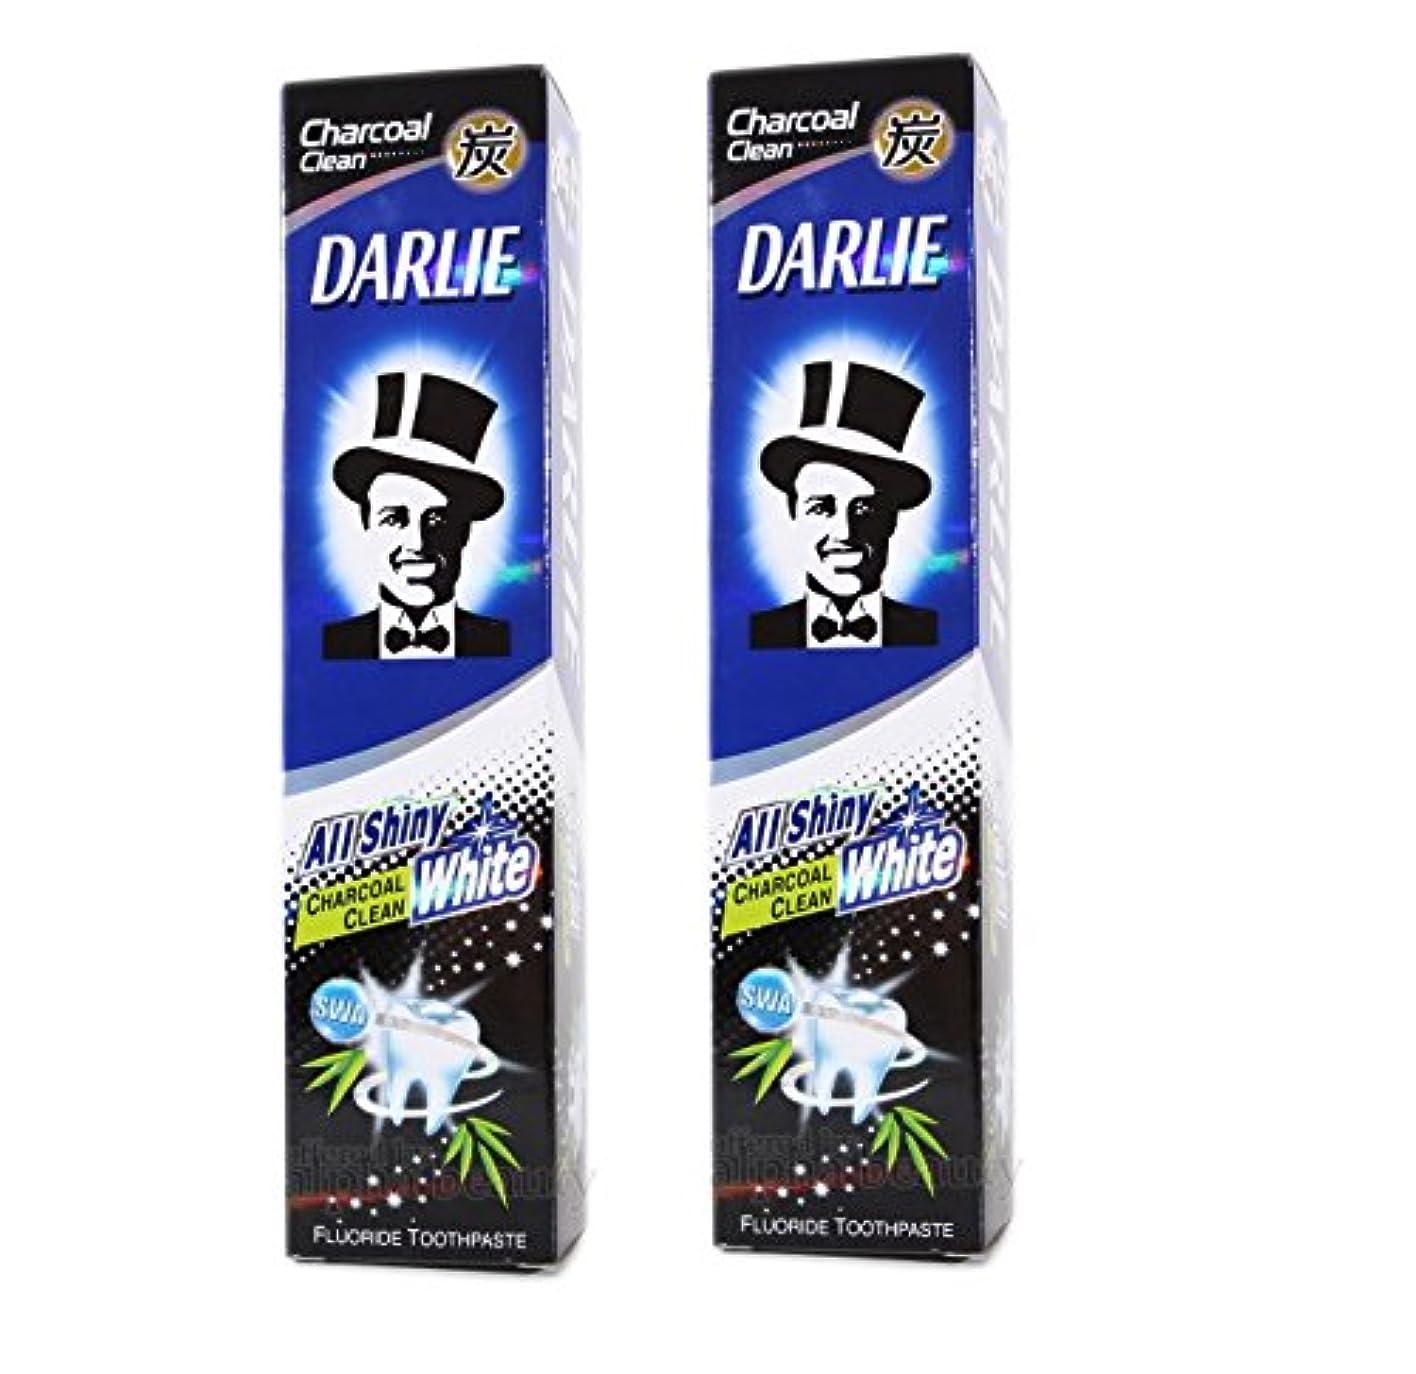 広がり拮抗する復活する2 packs of Darlie Charcoal All Shiny Whitening Toothpaste by Darlie